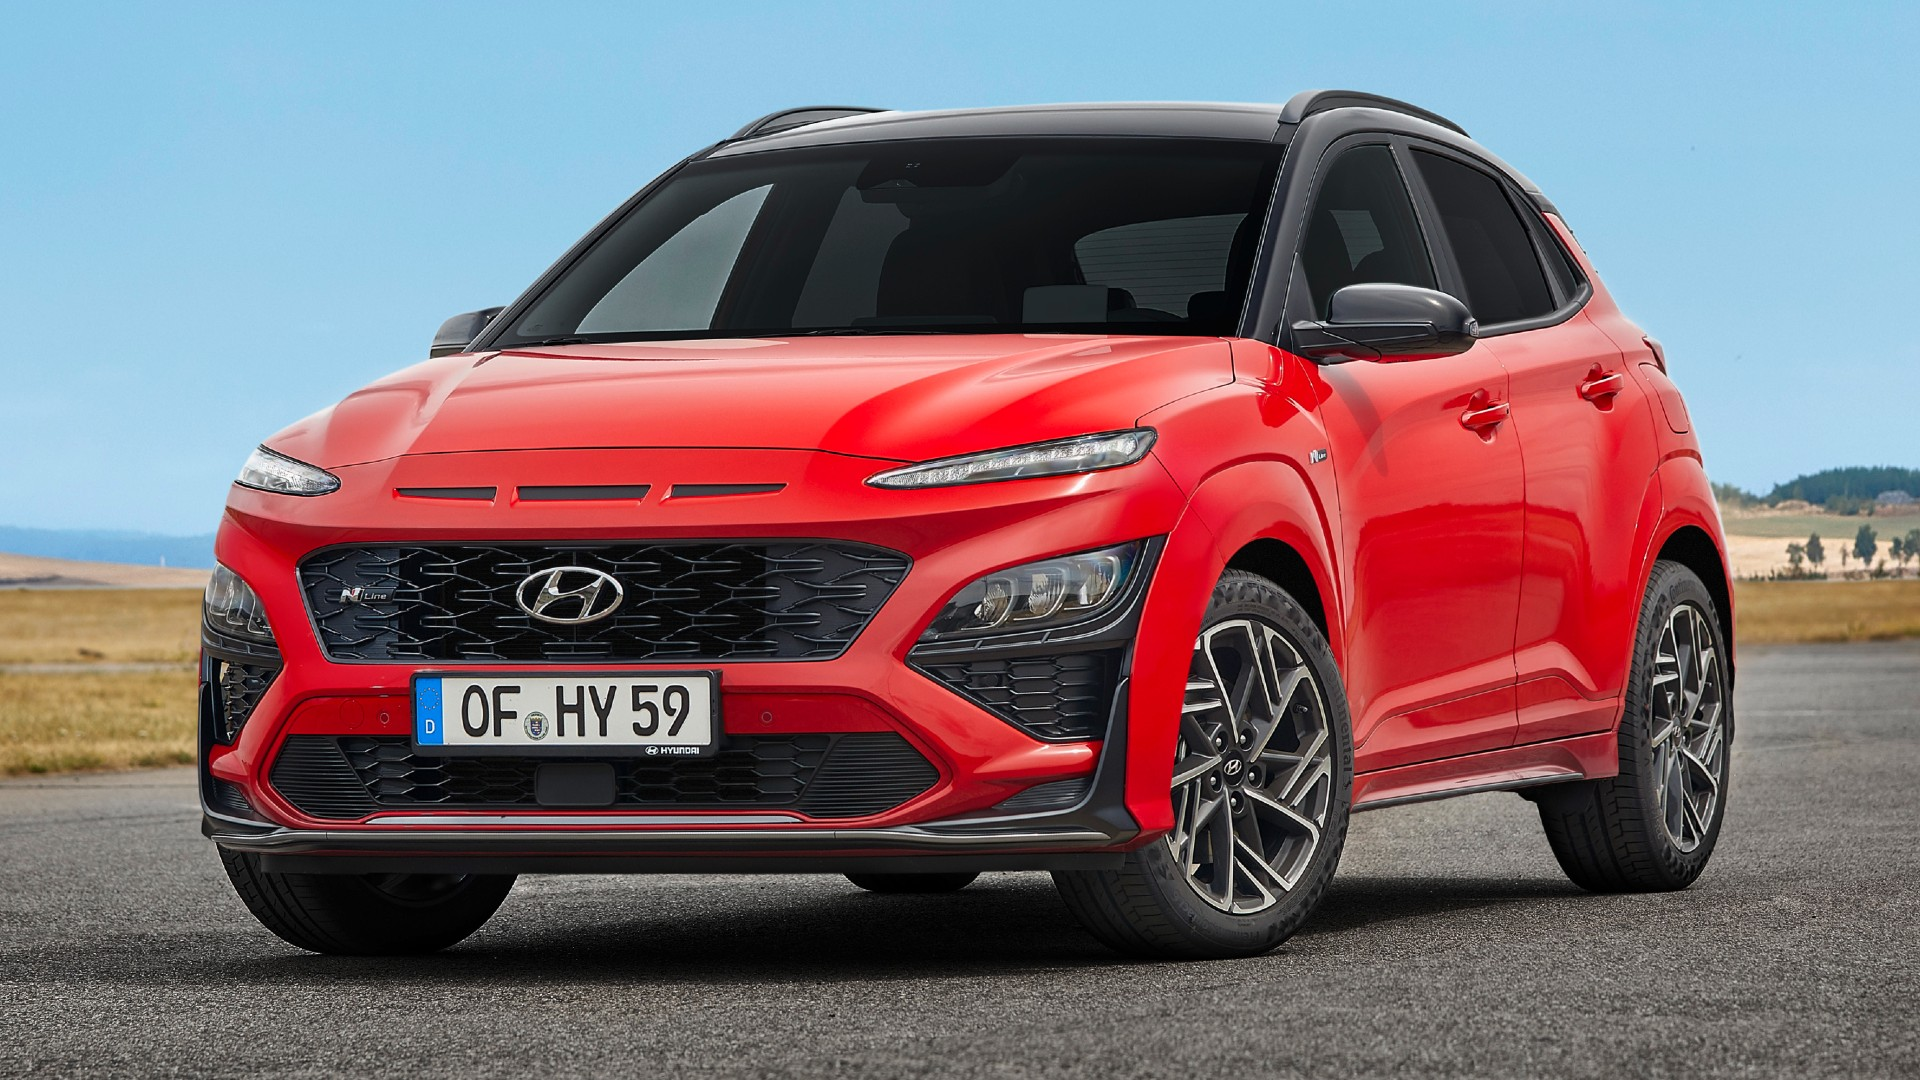 Οι τιμές του νέου Hyundai Kona N Line στην Ελλάδα [vid]